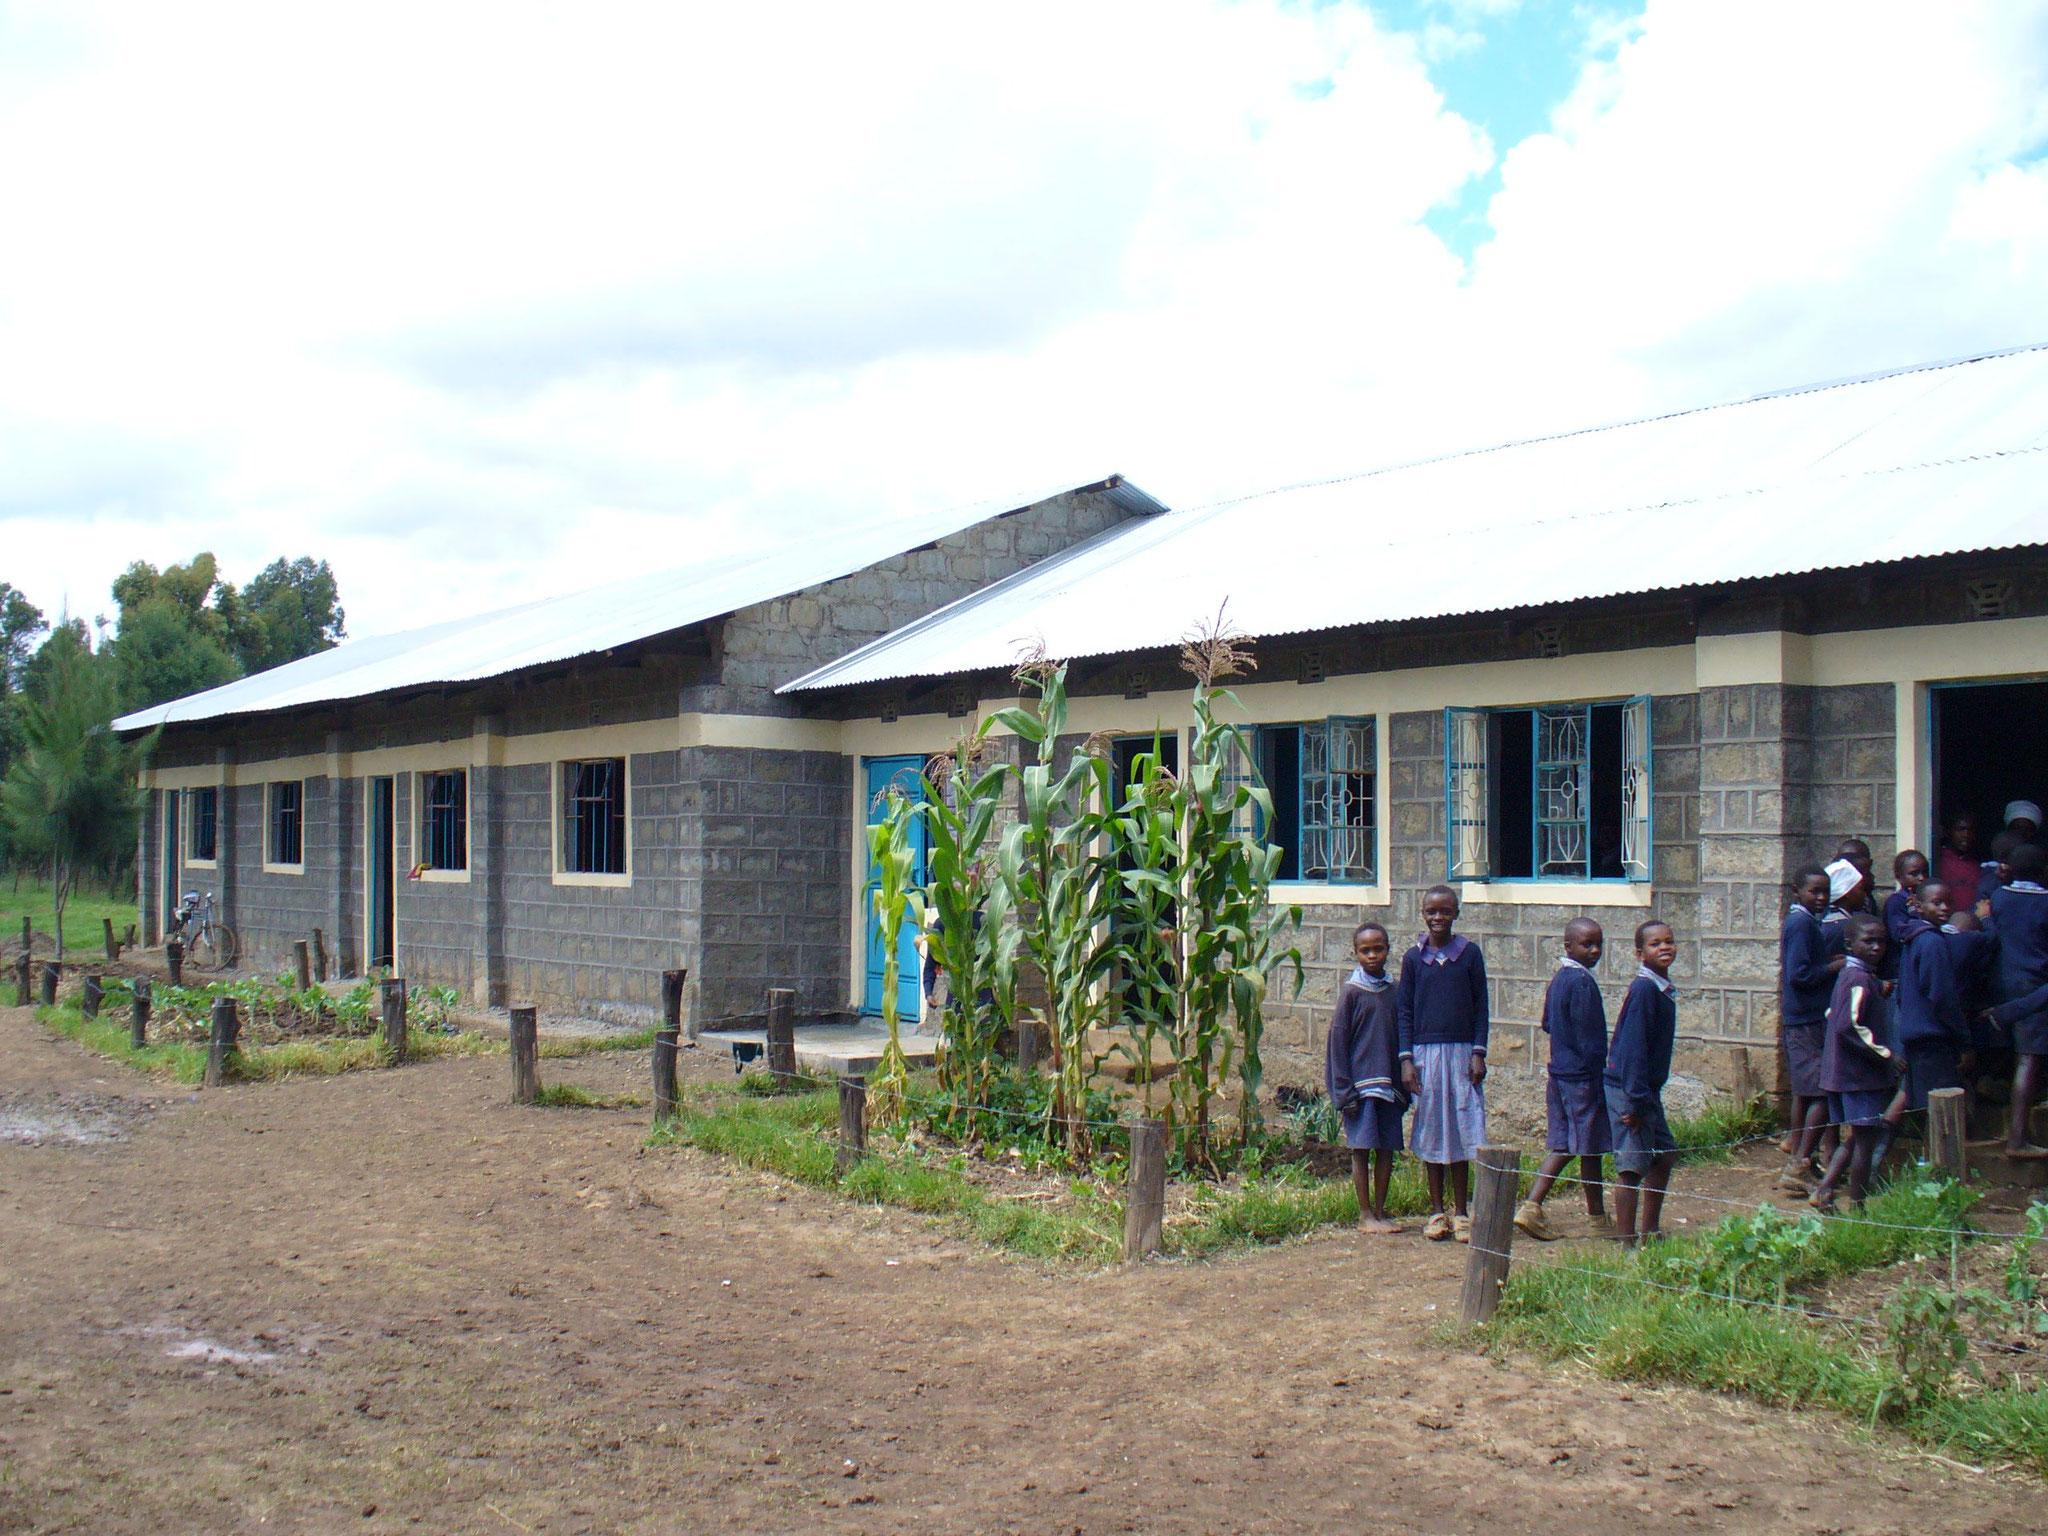 Die Schüler betreten stolz ihre neuen Klassenräume